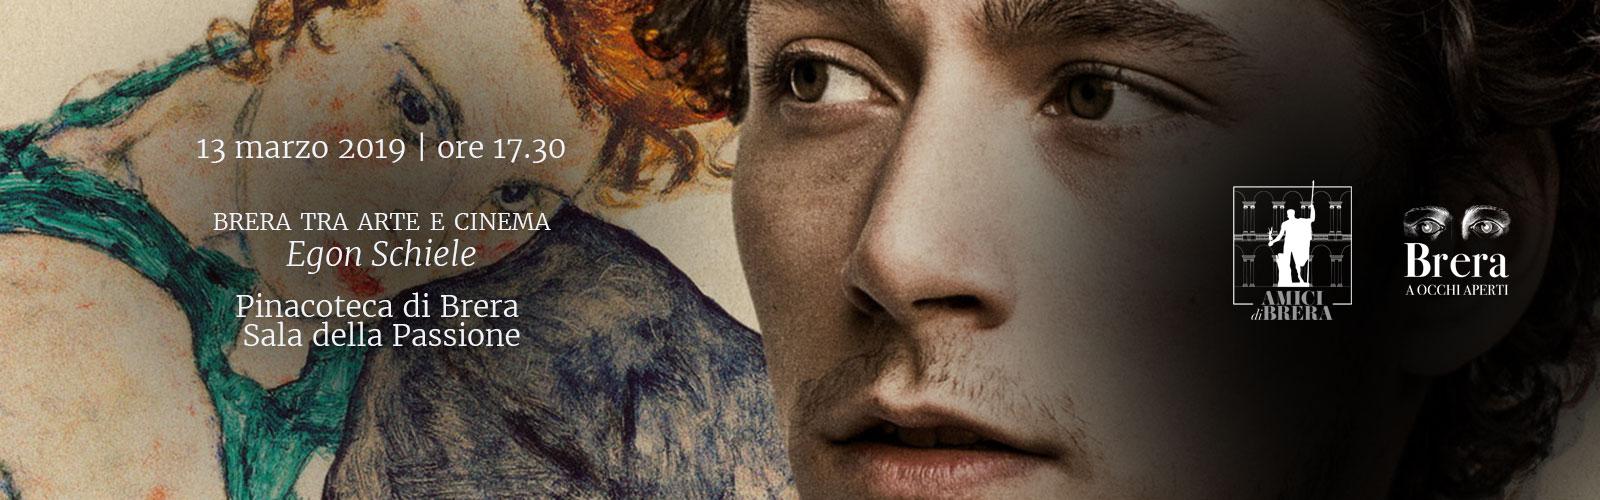 Brera tra Arte e Cinema<br><em>Egon Schiele</em>